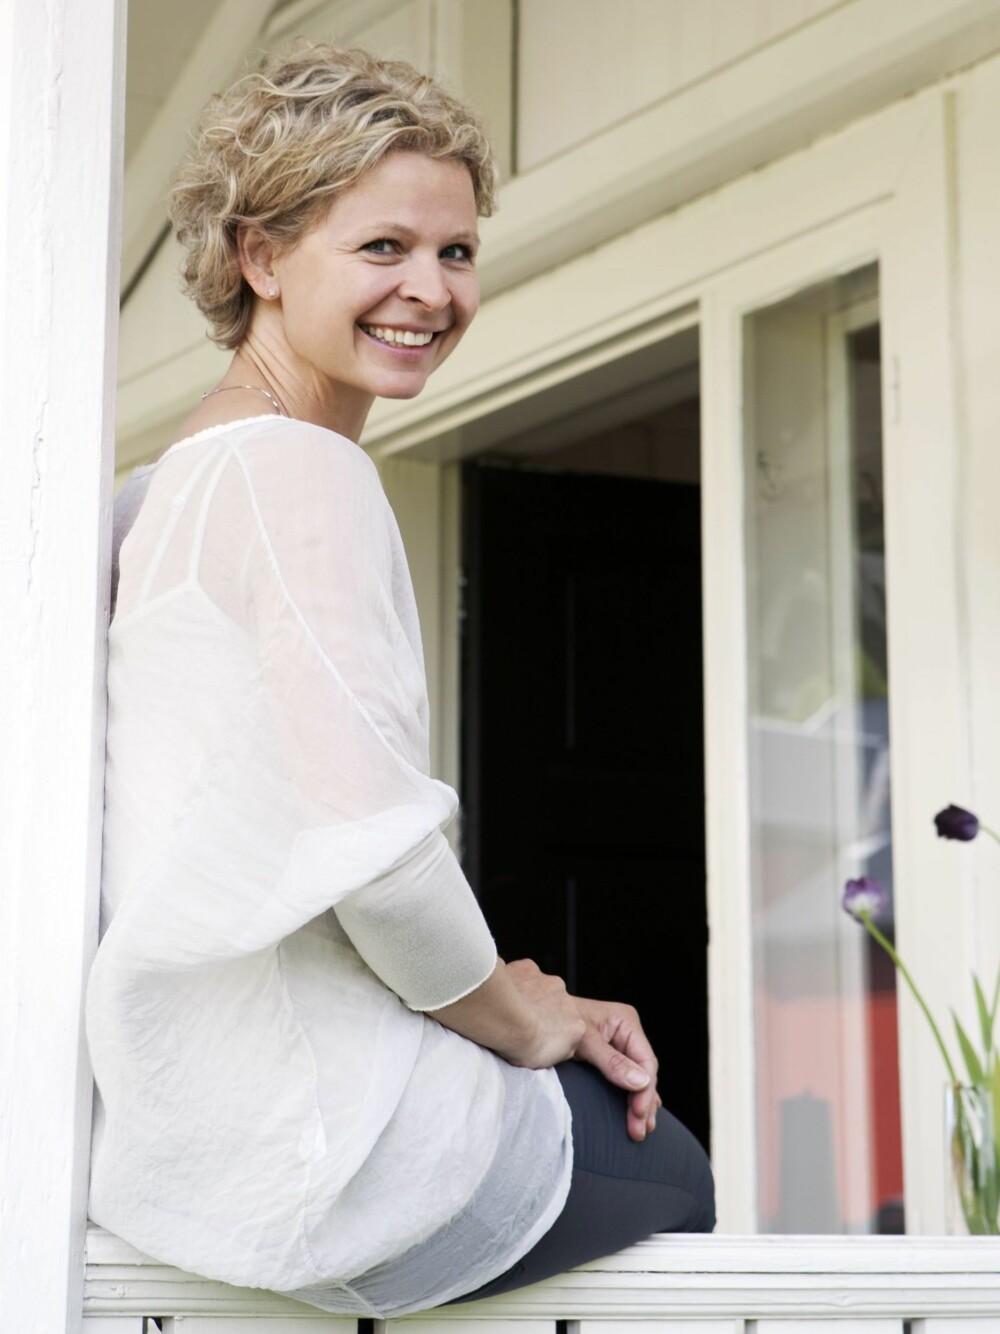 FUNNET GULL: Cathrine er utdannet innen matvitenskap, men har truffet en sterk interiørtrend, og lever nå av å lage vakre stubber. Styling: Kirsten Visdal.